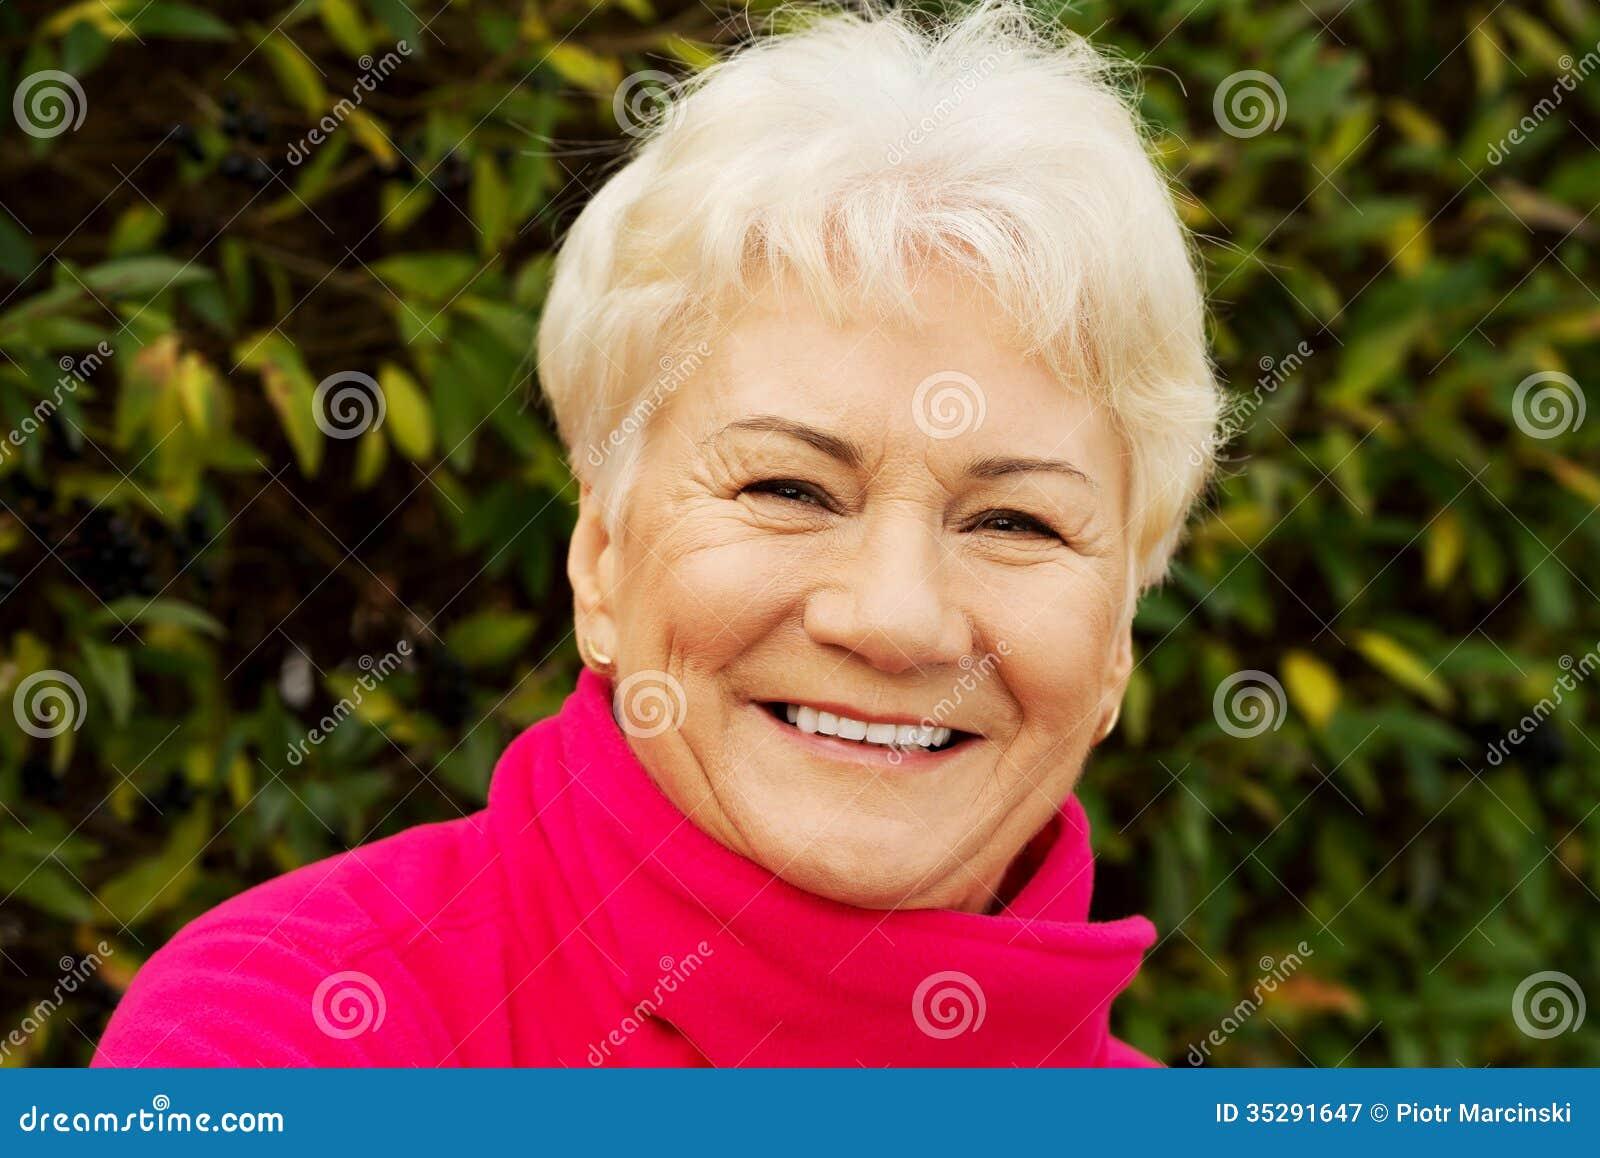 Porträt einer netten alten Dame über grünem Hintergrund.